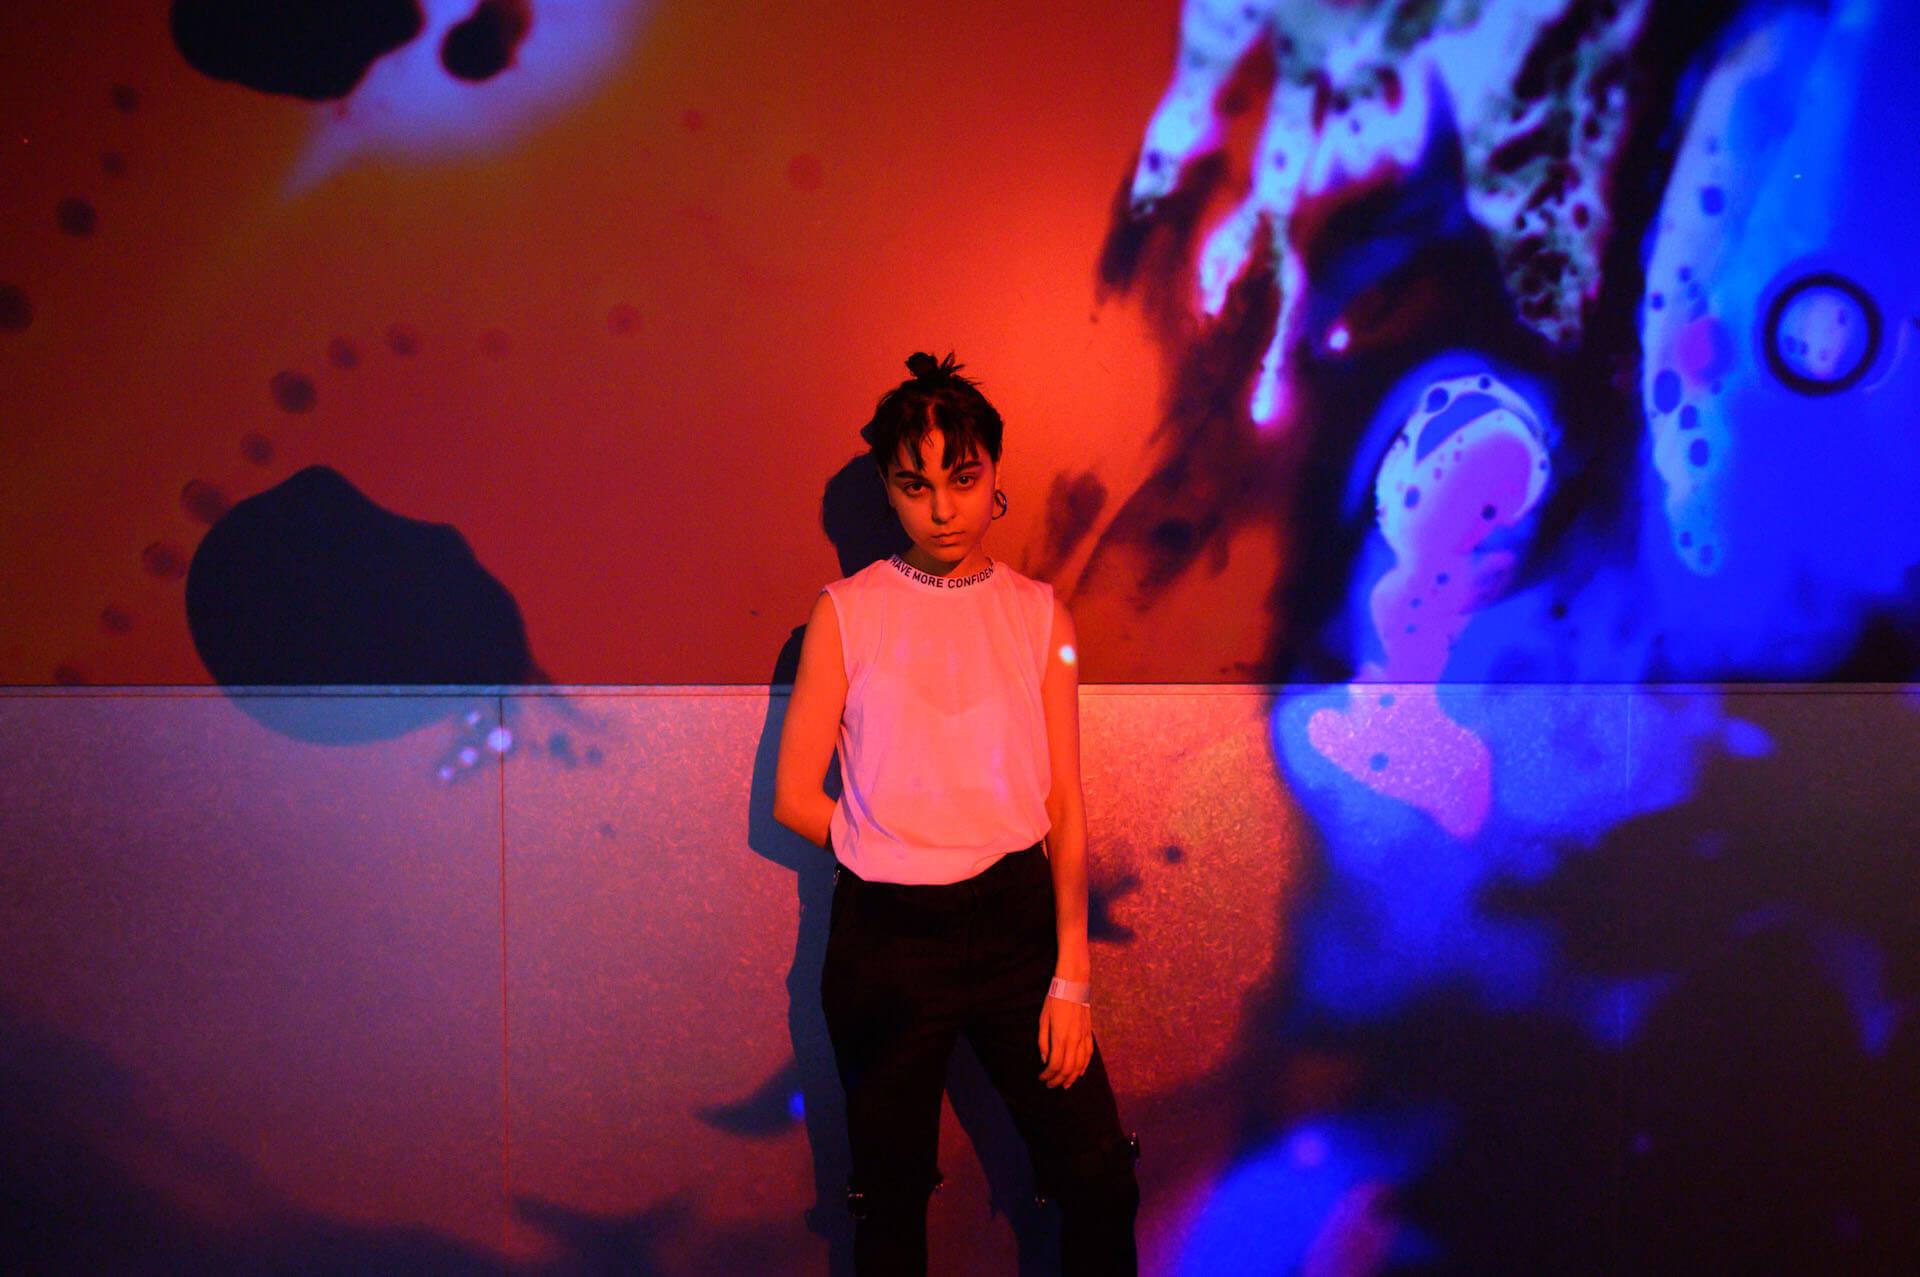 フォトレポート|Kode 9 & Koji Morimotoらが登場した電子音楽&デジタルアートの祭典「MUTEK.JP 2019」 music191219-mutek2019-4-1